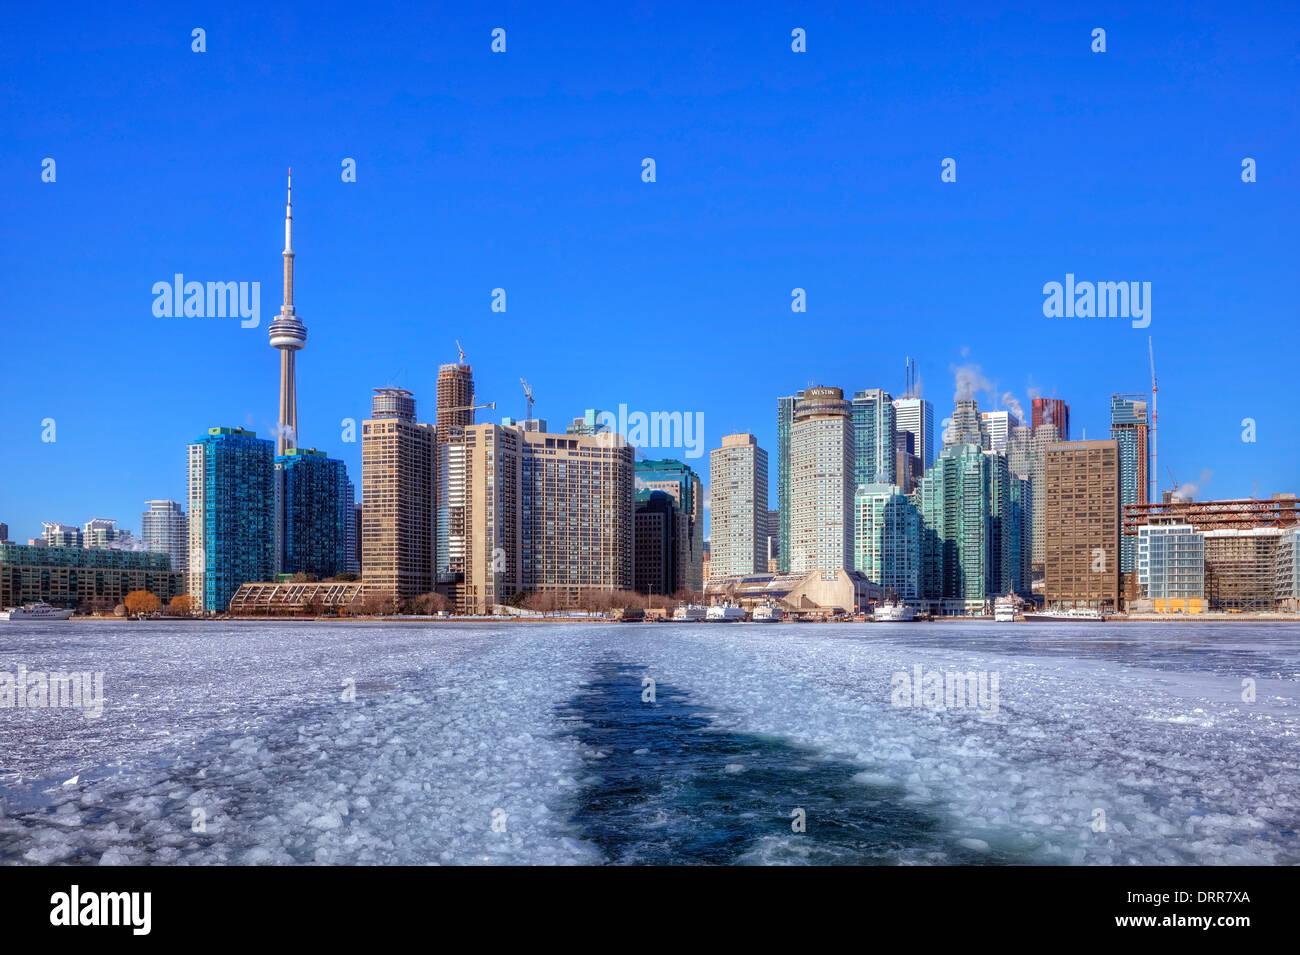 Skyline, Toronto, Ontario, Canadá, el invierno Imagen De Stock